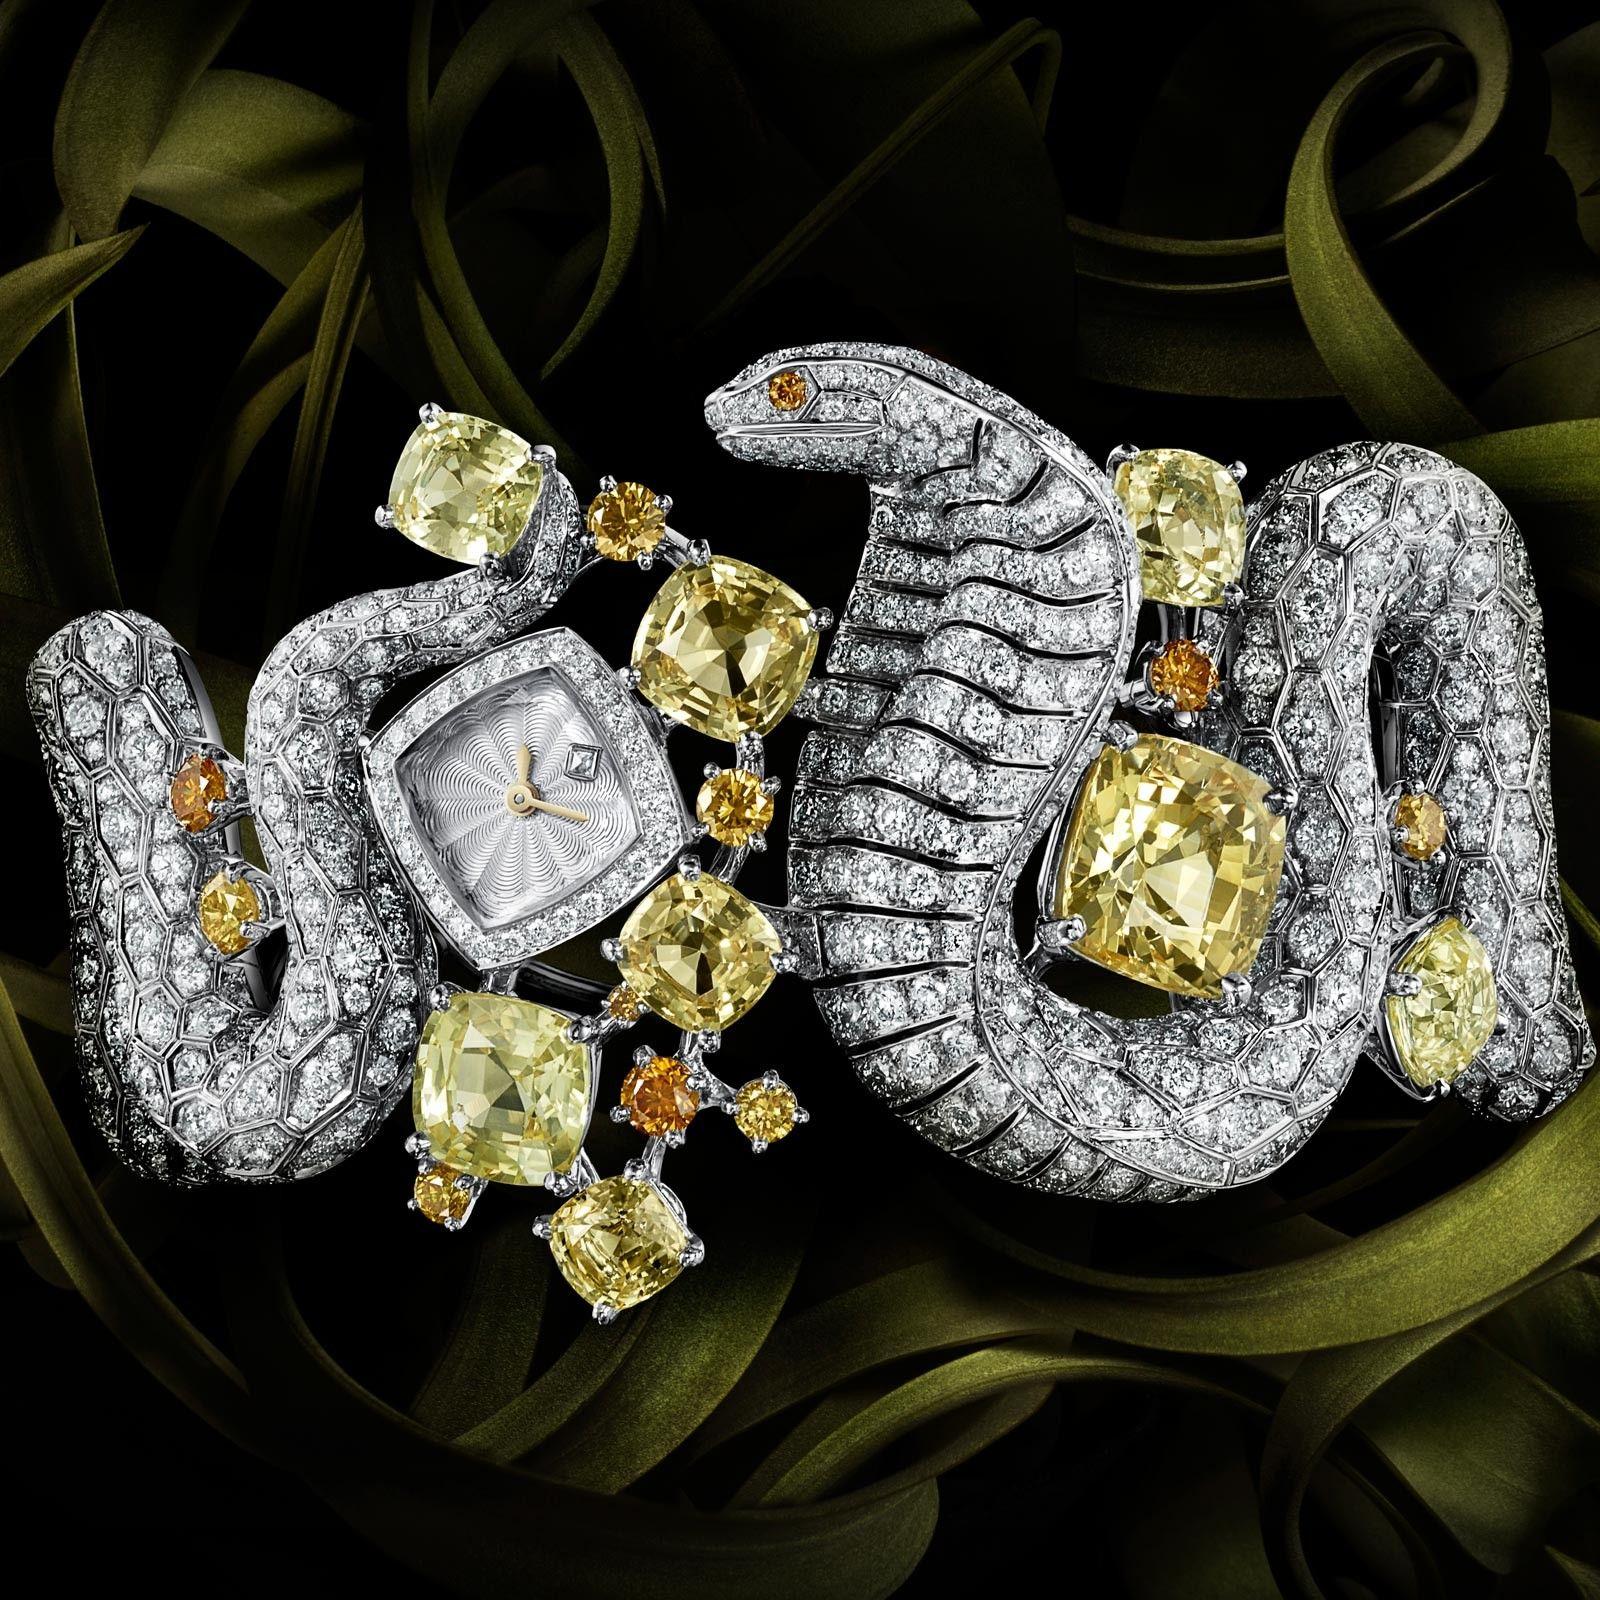 Cartier haute joaillerie montre decor serpent watch face for Haute joaillerie cartier